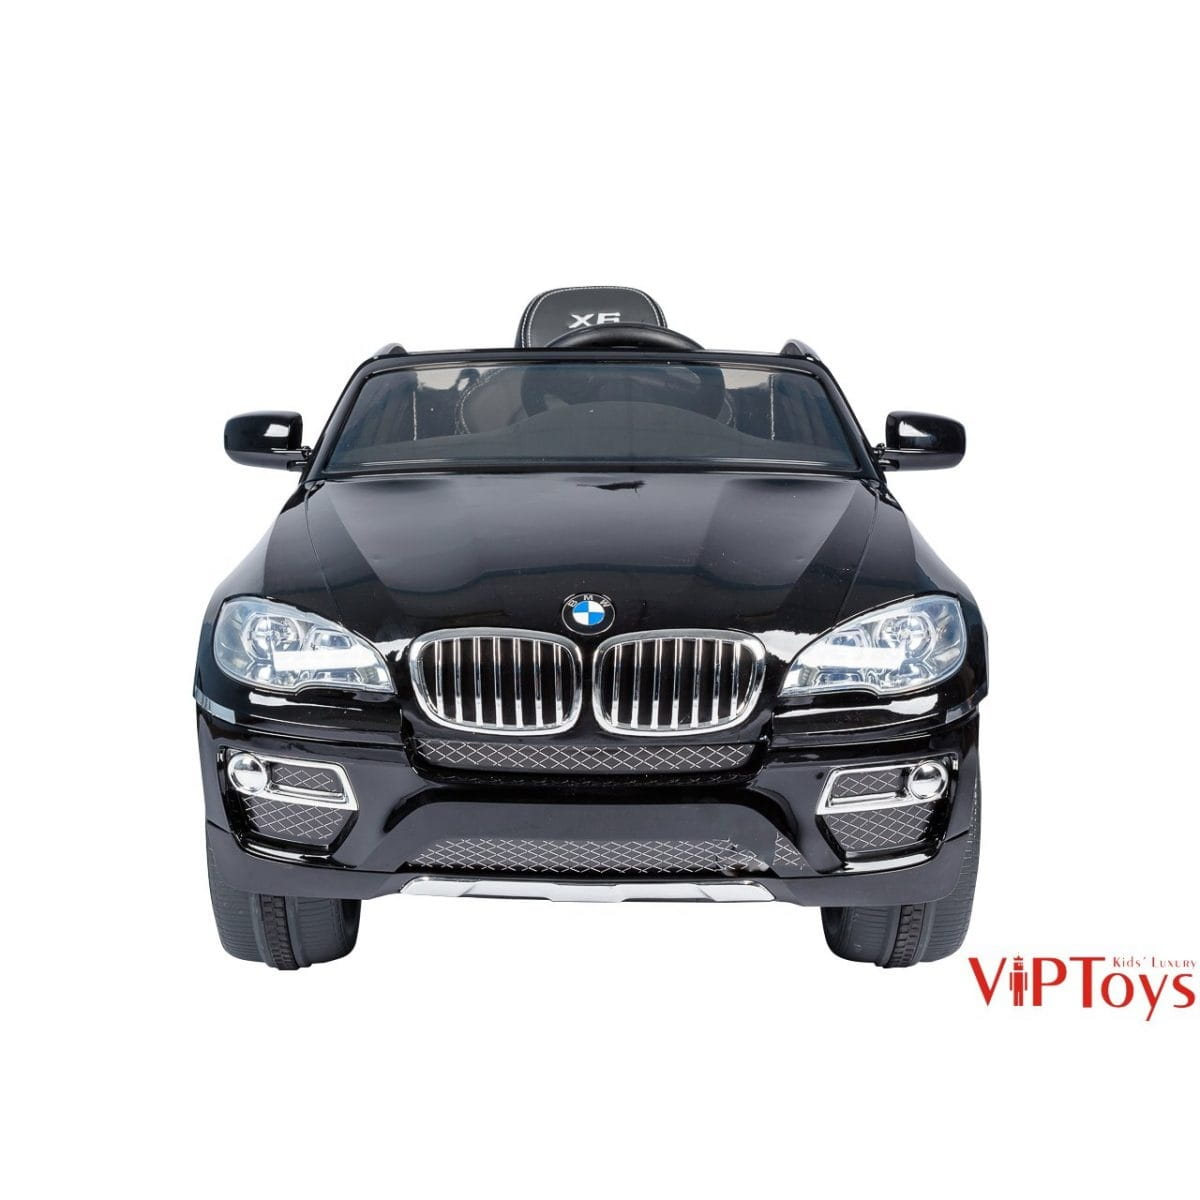 Электромобиль VIP Toys JJ258_черный BMW X6 - черный